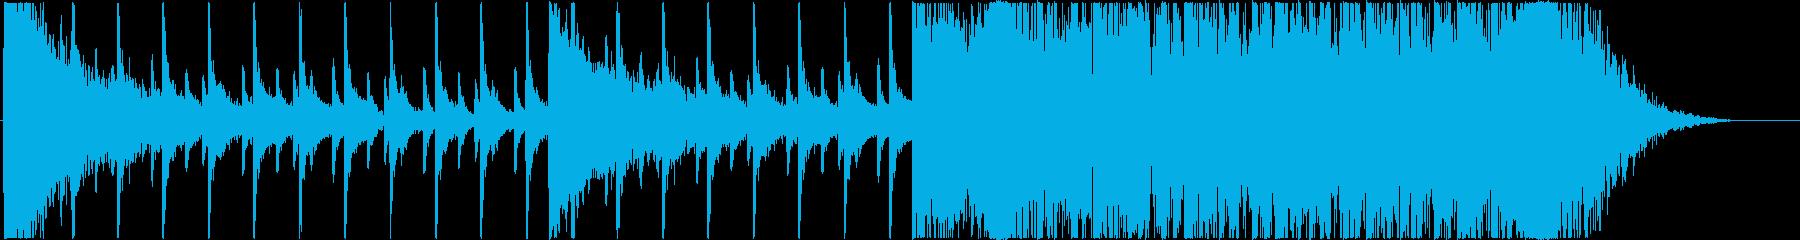 <金属音→打楽器>★予告編/トレーラーの再生済みの波形